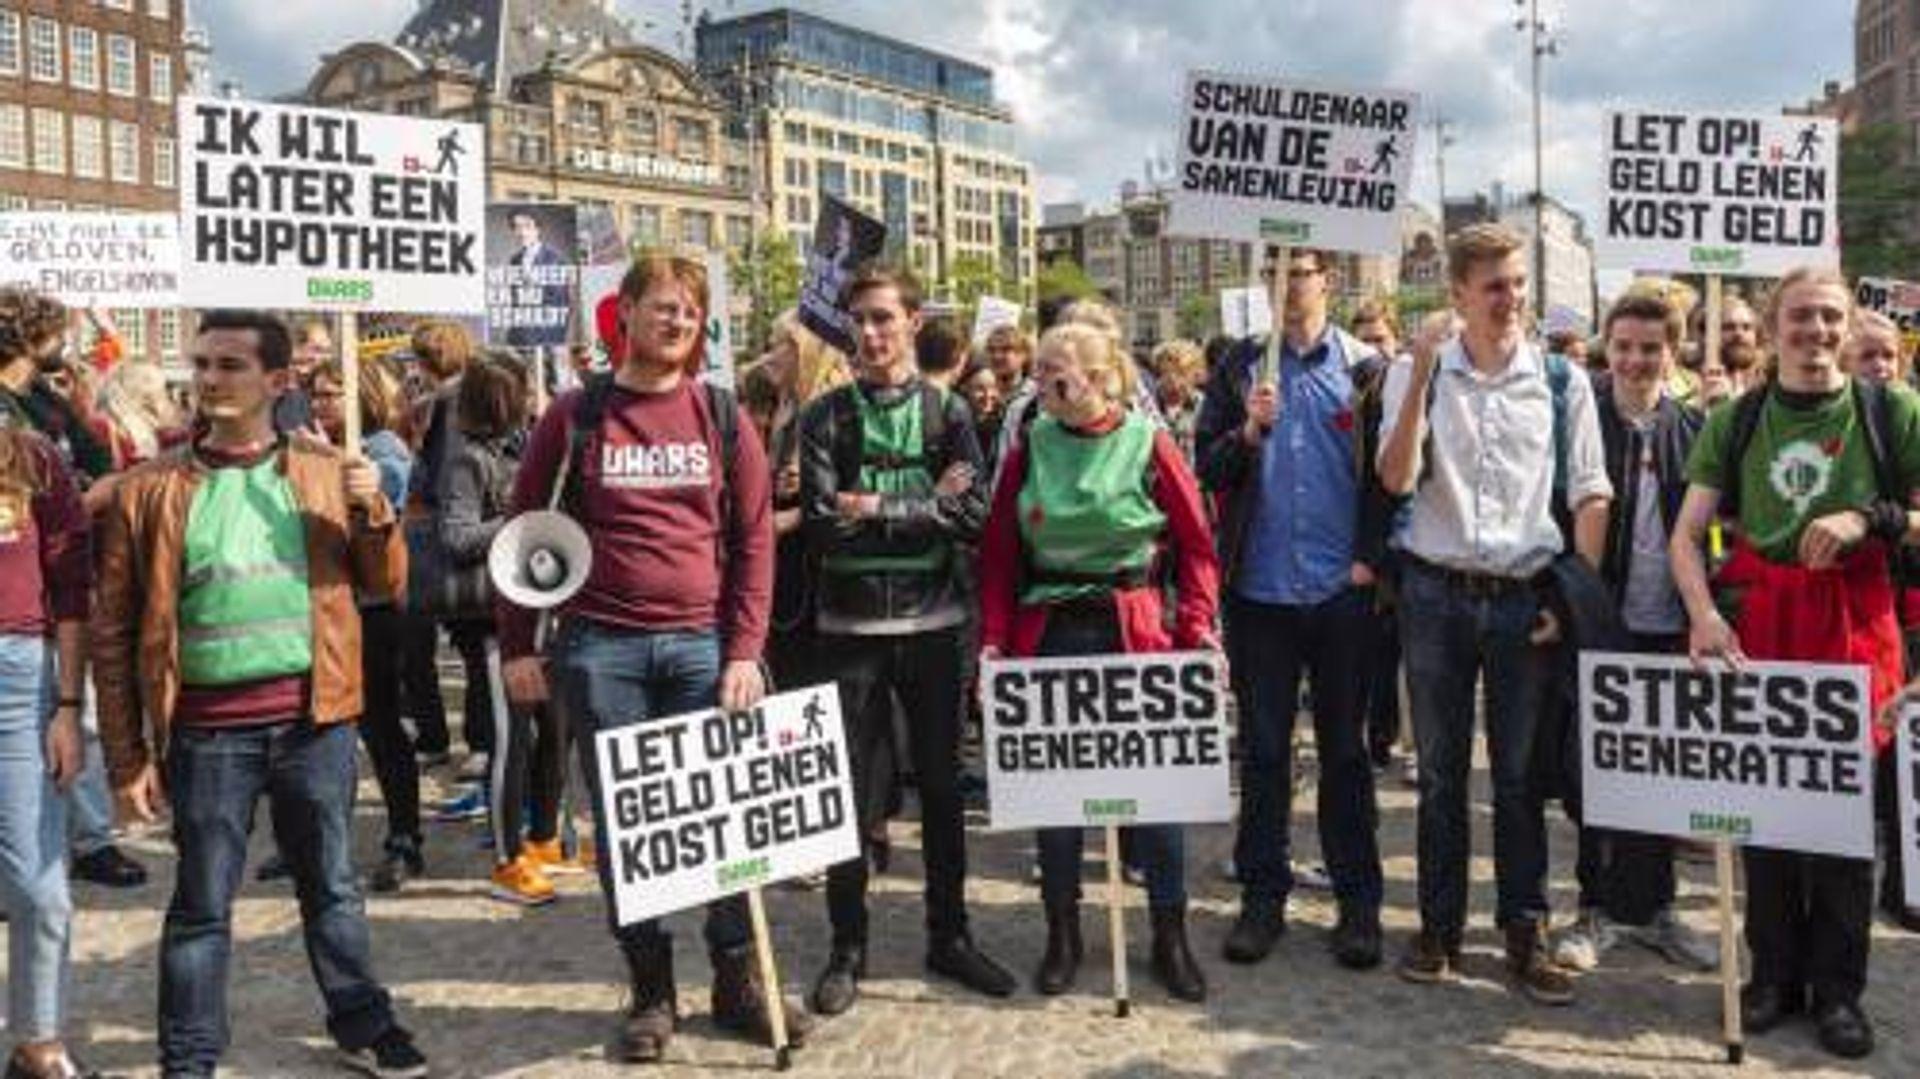 Studenten gaan 5.000 euro extra betalen om studieschuld af te lossen